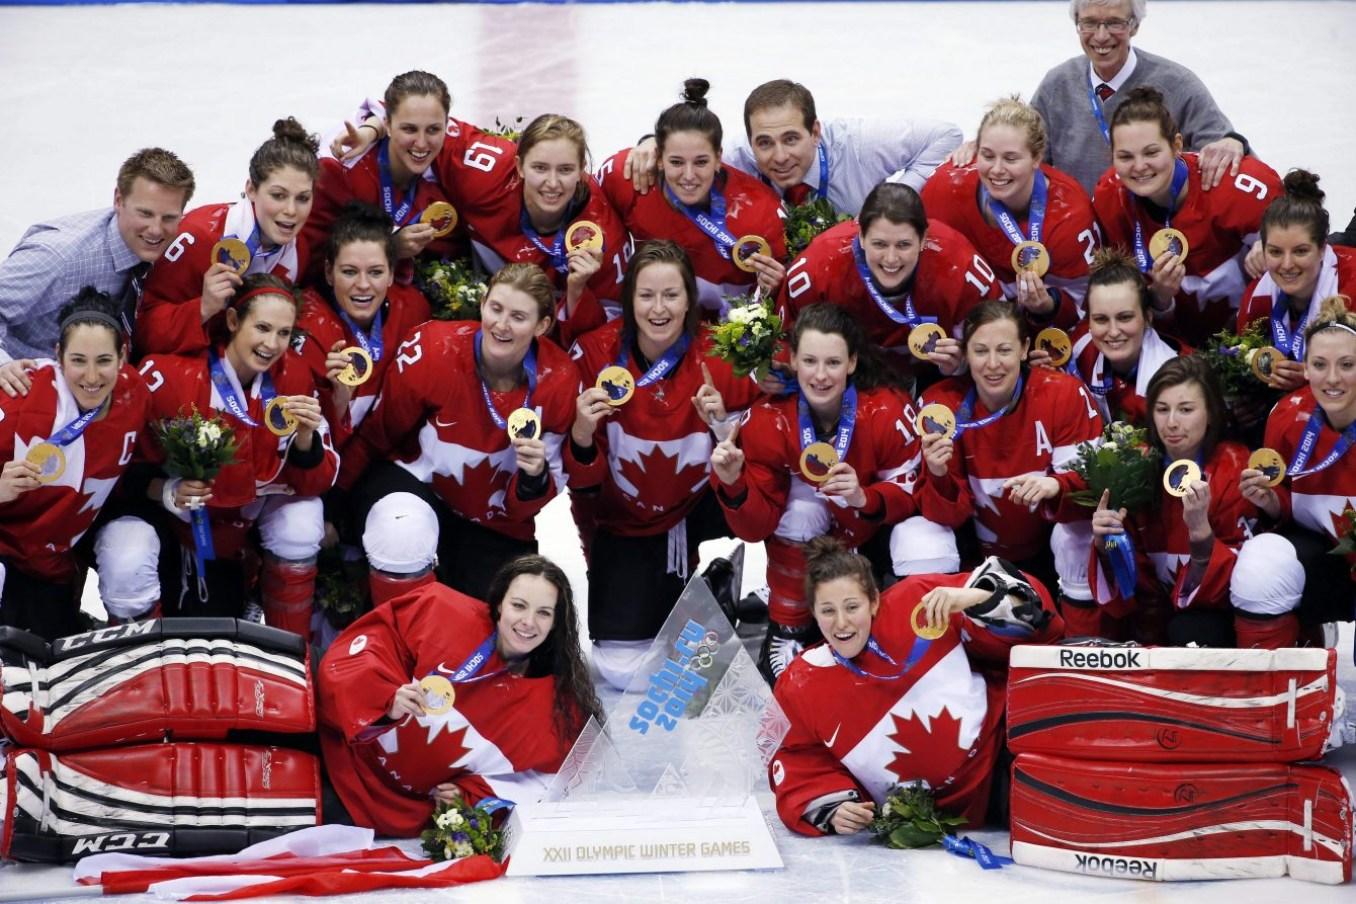 Les joueuses d'Équipe Canada posent pour une photo avec leurs médailles d'or aux Jeux olympiques d'hiver de 2014 à Sotchi, en Russie. (Photo AP / Petr David Josek, fichier)